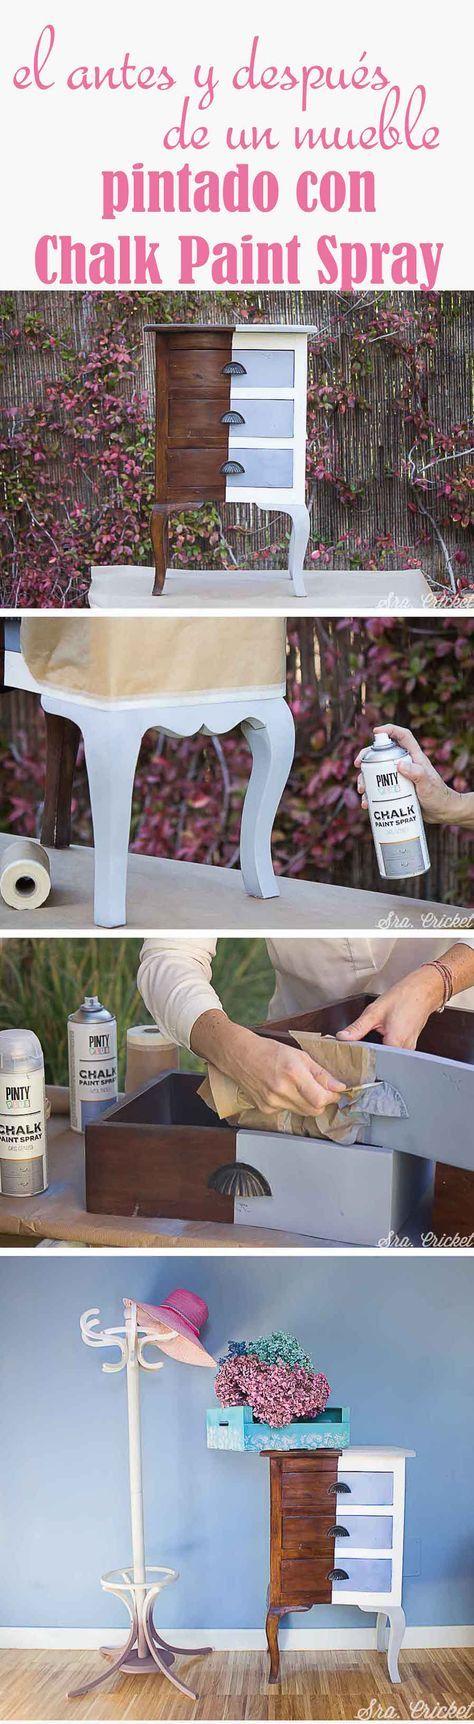 Pintar con chalk paint en spray . Pintar un mueble #chalkpaint #spraypainting #beforeandafter